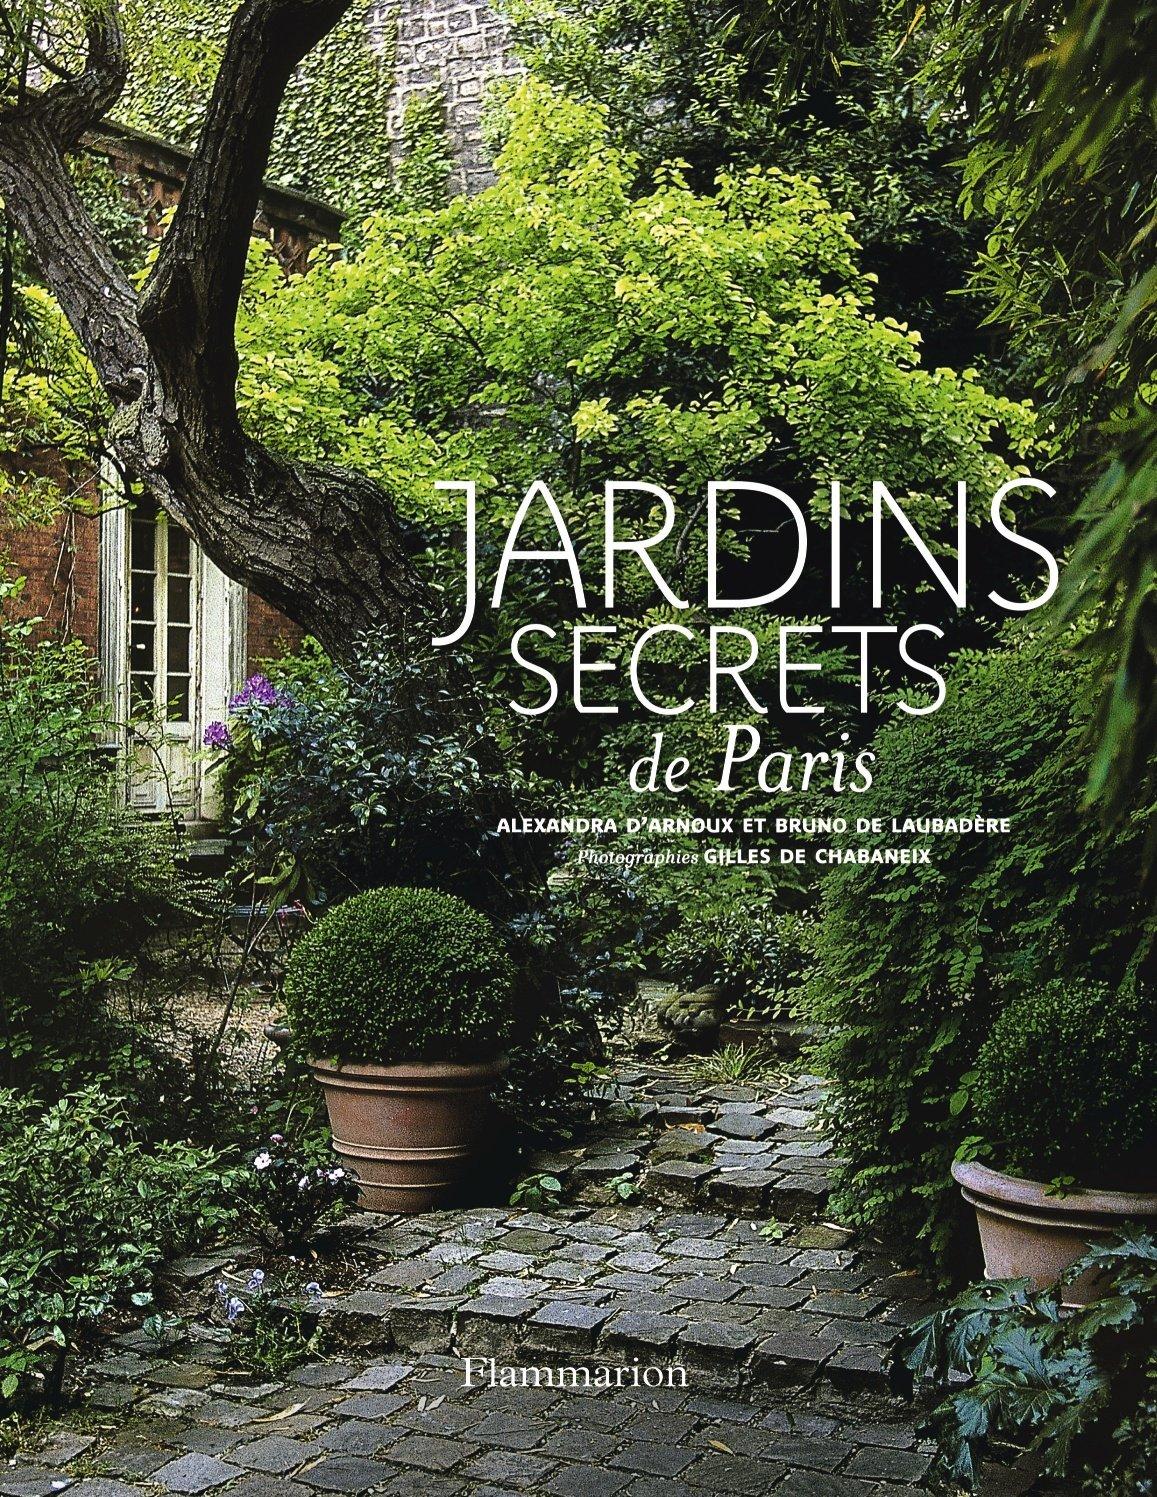 Les nouveaut s de l 39 automne 2016 hortalia for Les secrets de paris